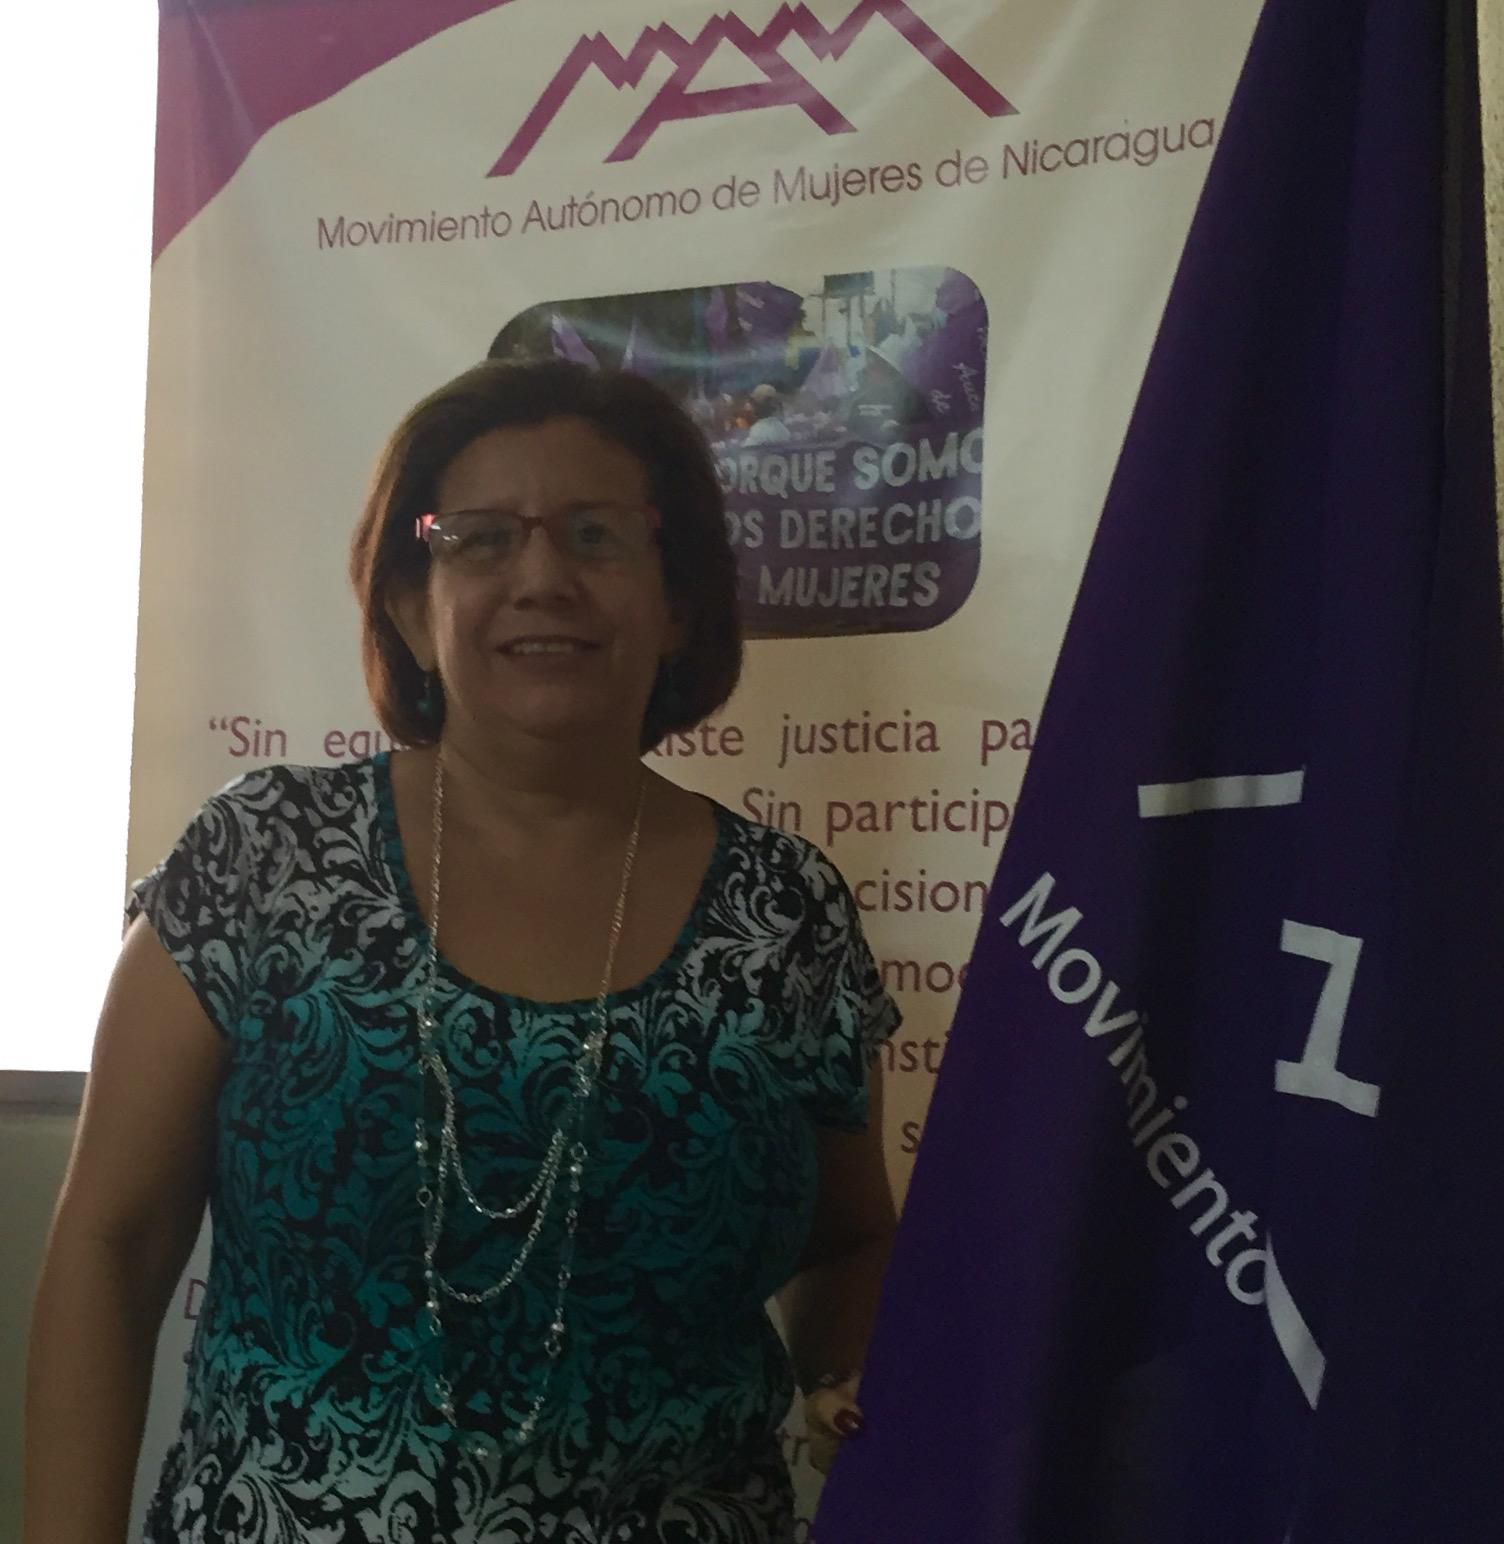 Juanita Jiménez, fondatrice du Mouvement autonome des femmes du Nicaragua